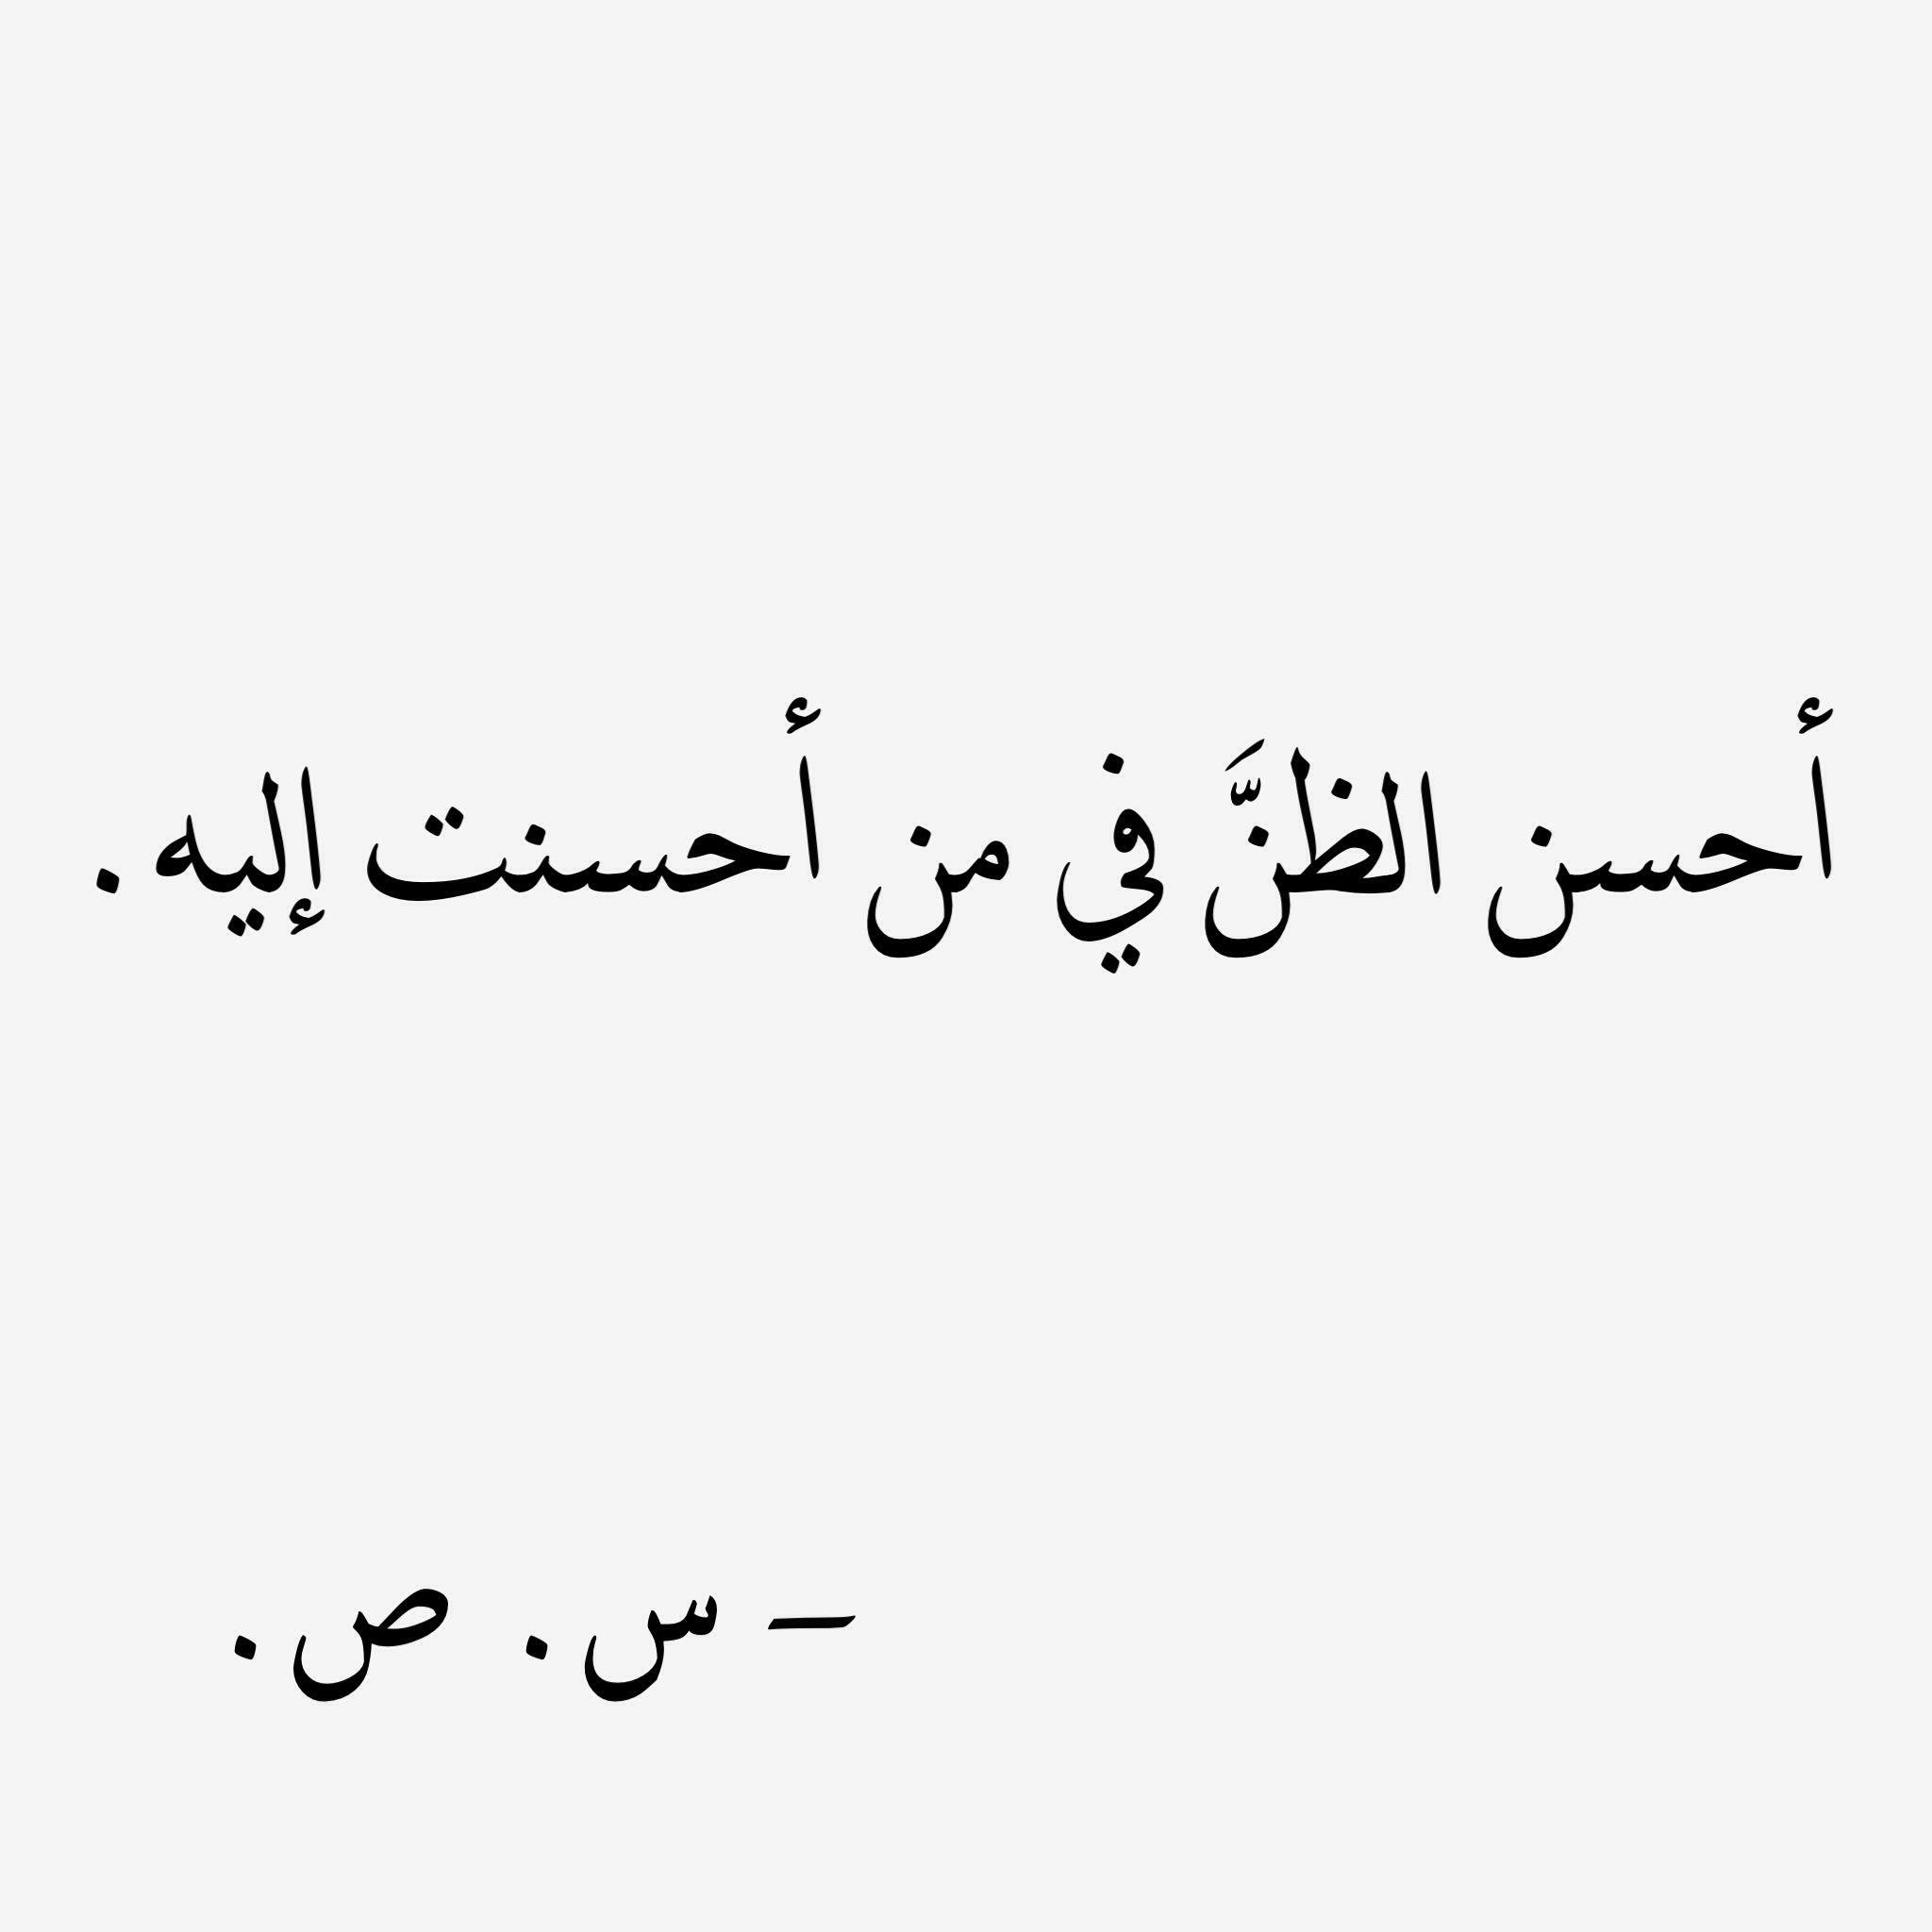 و اتق شر سوء ظنك وحكمك المسبق في من أحسنت إليه Arabic Poetry Feelings Words